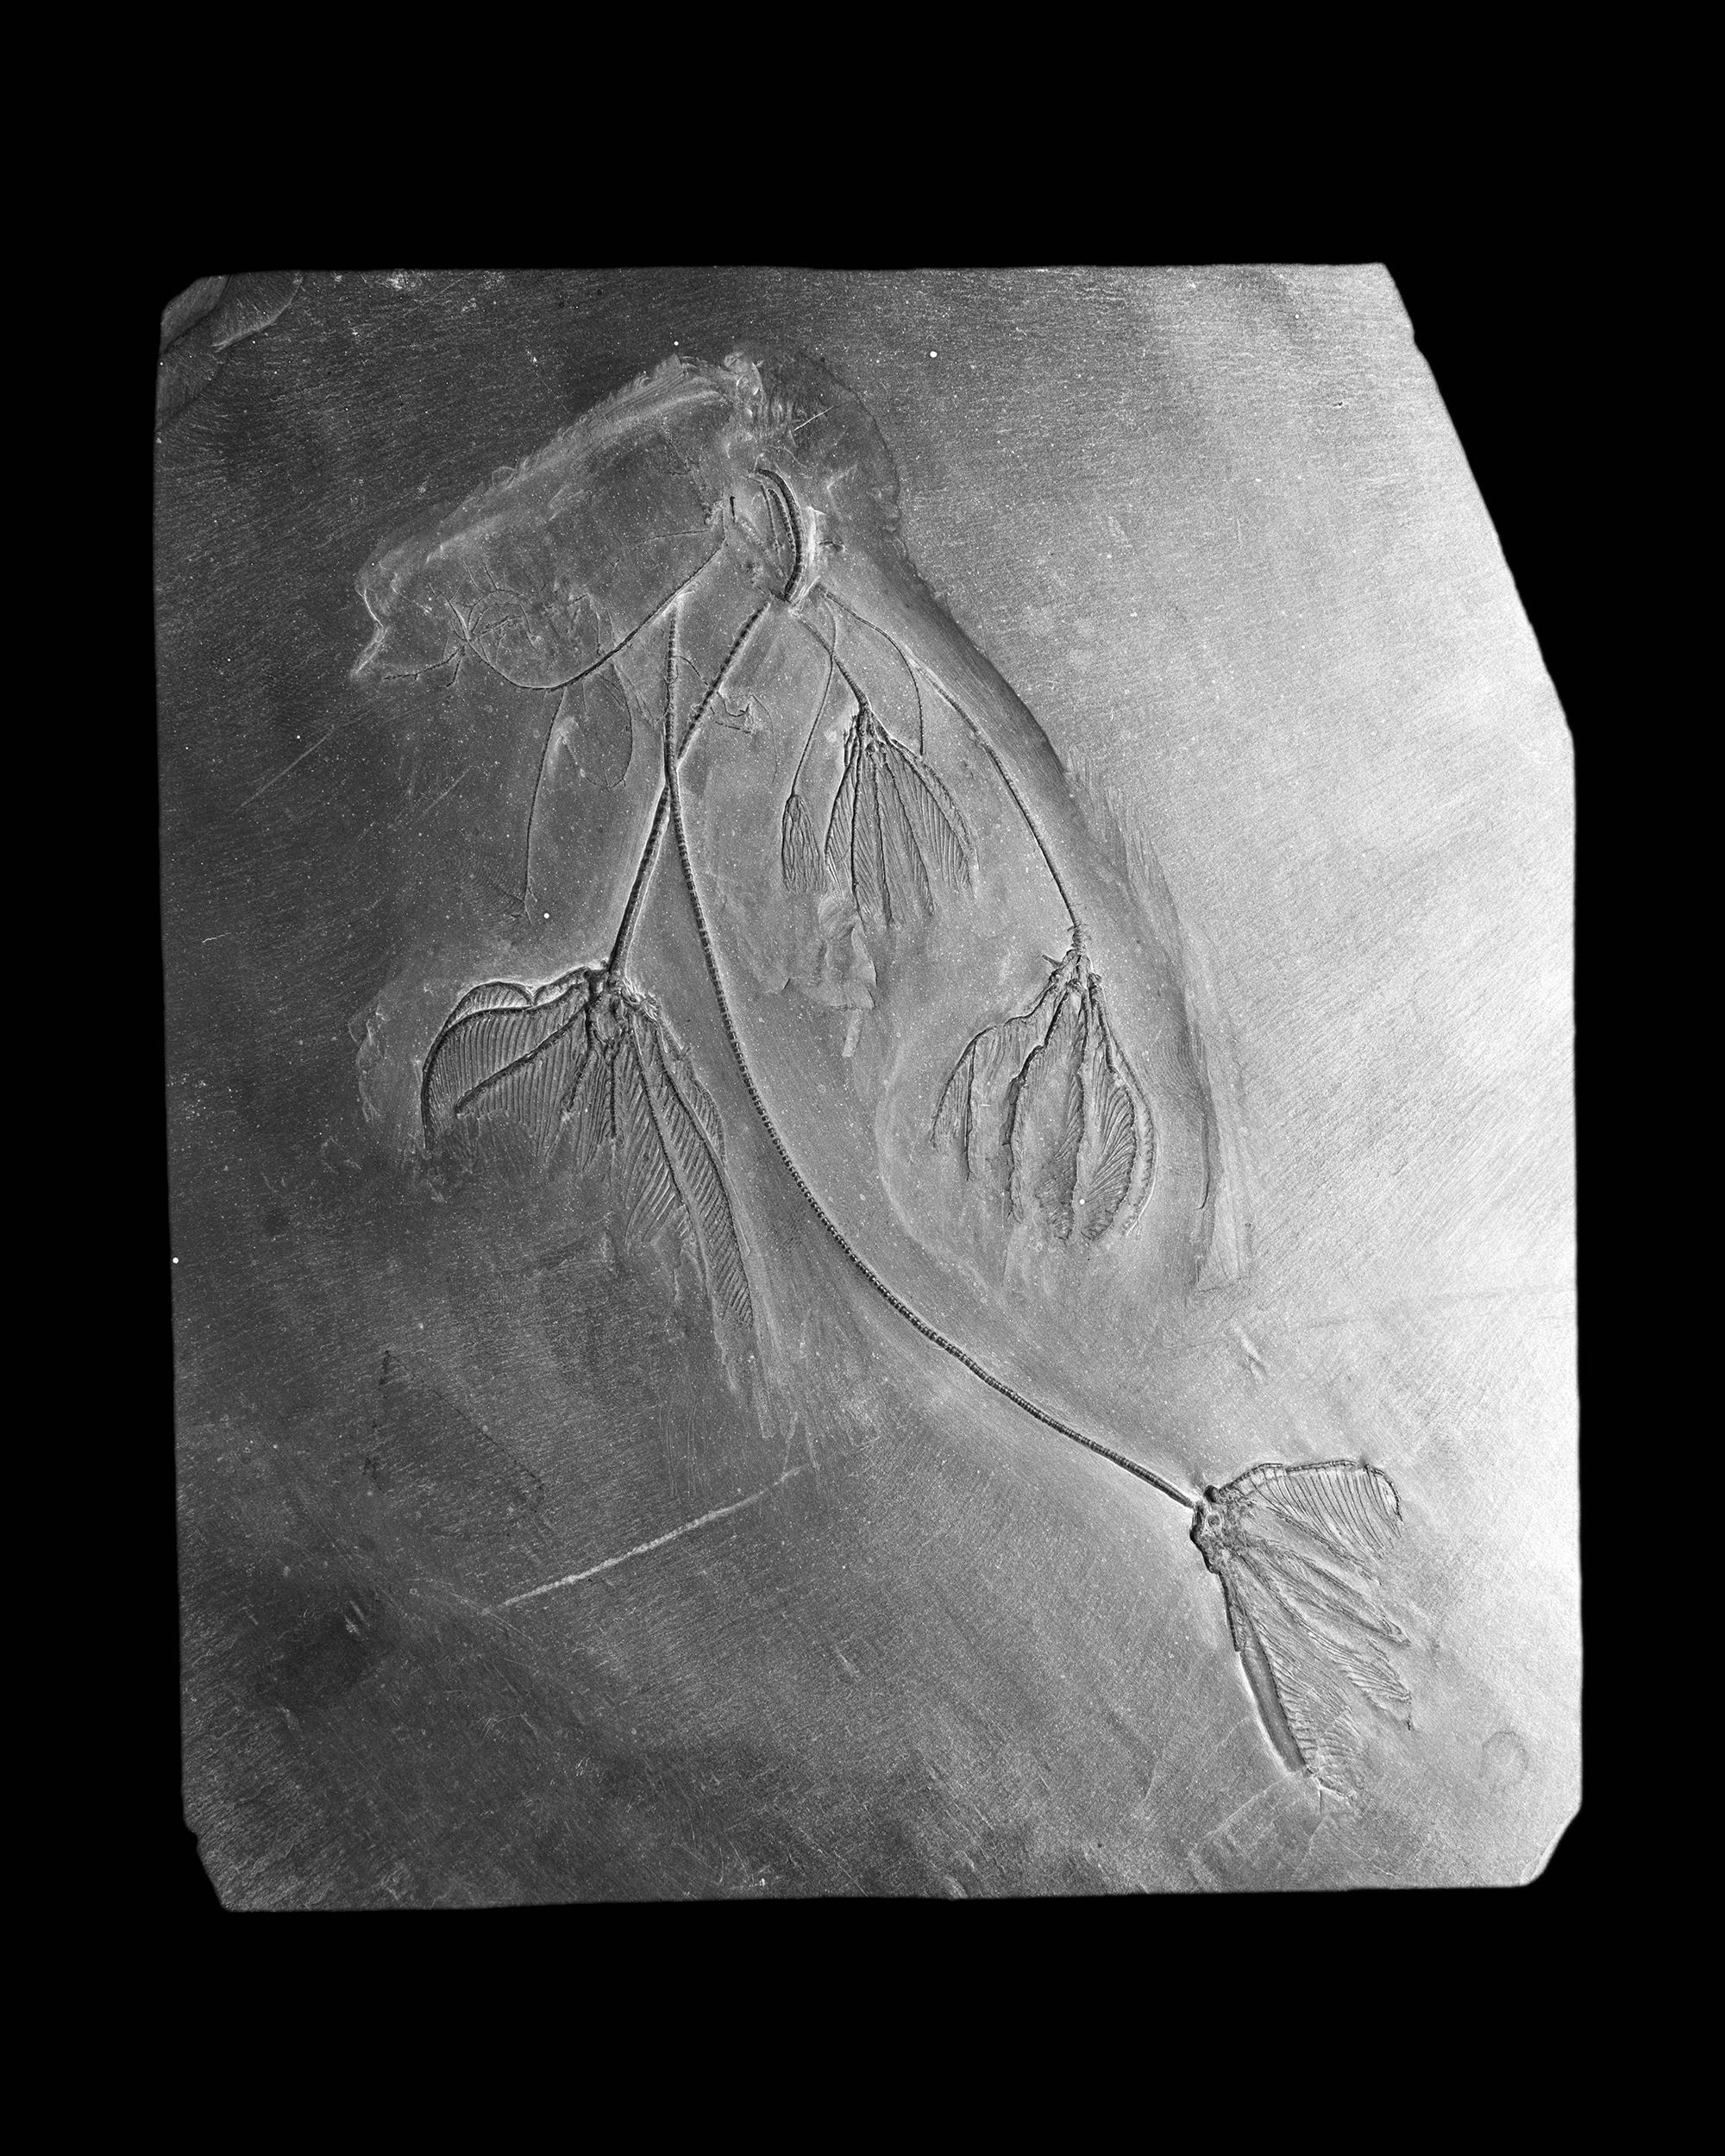 Hapalocrinus frechi, Unter-Devon, Bundenbach, Mbl.Gemünden